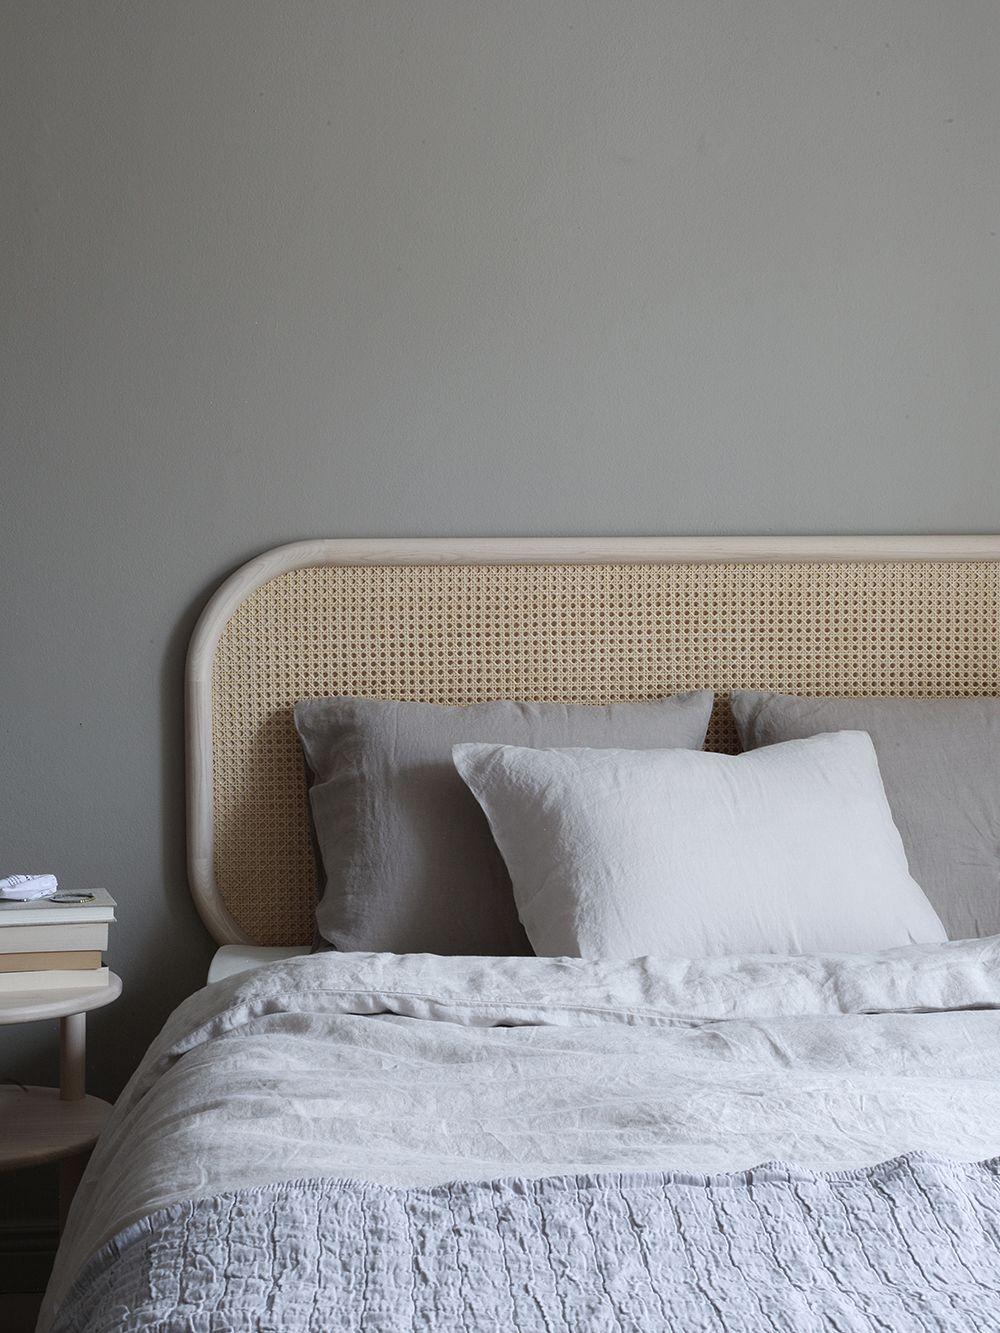 Matri's Linnea linen duvet covers on a bed.